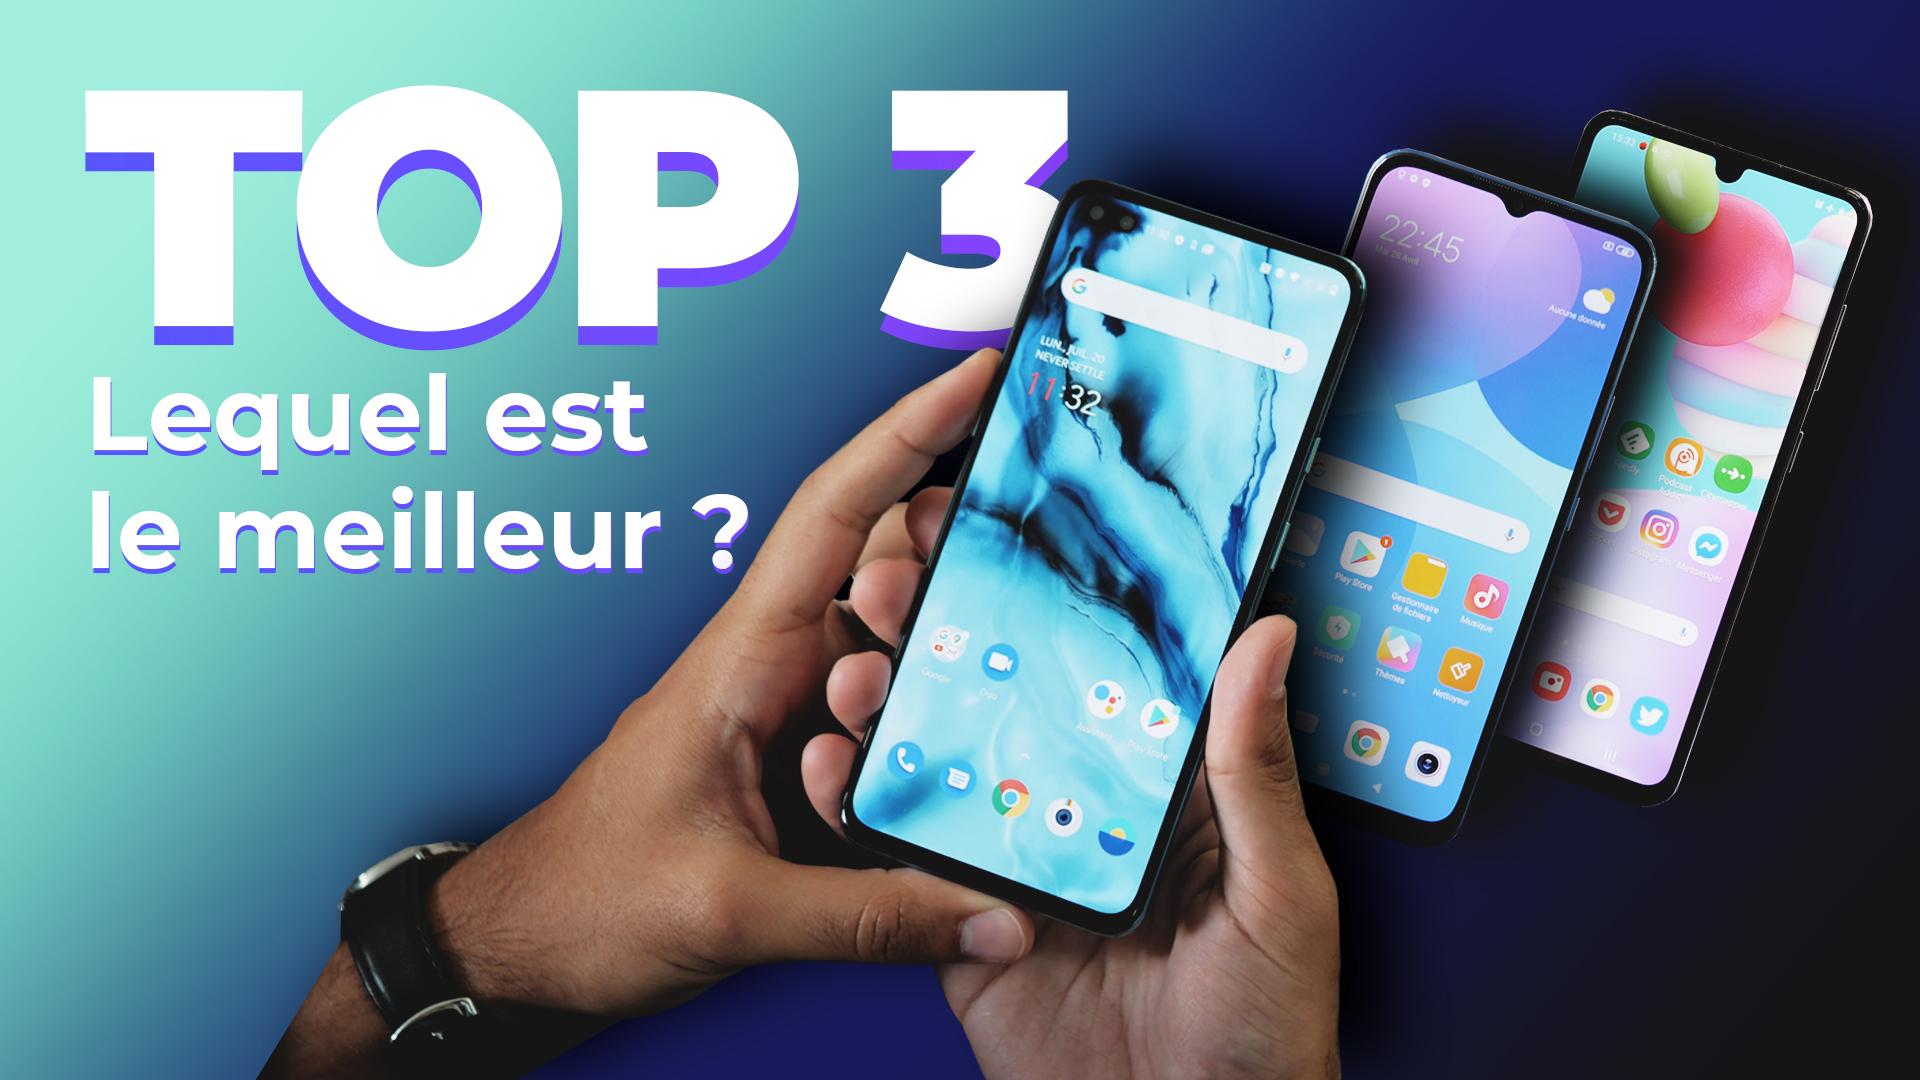 Les 3 MEILLEURS smartphones sur Frandroid ! (Août 2020)